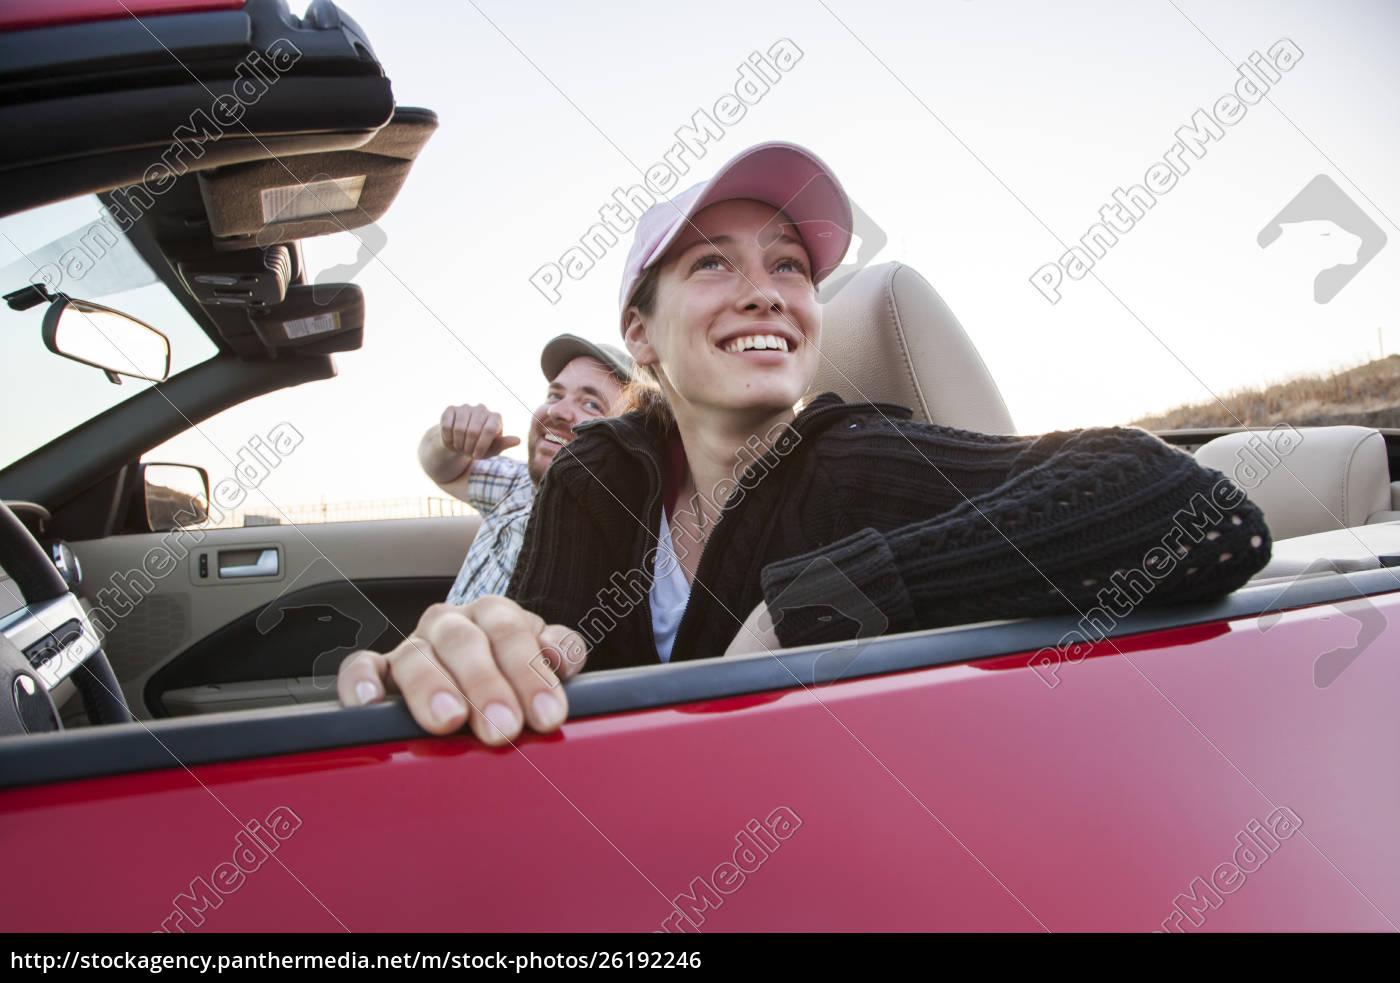 kaukasisches, paar, parkte, in, seinem, sportwagen - 26192246